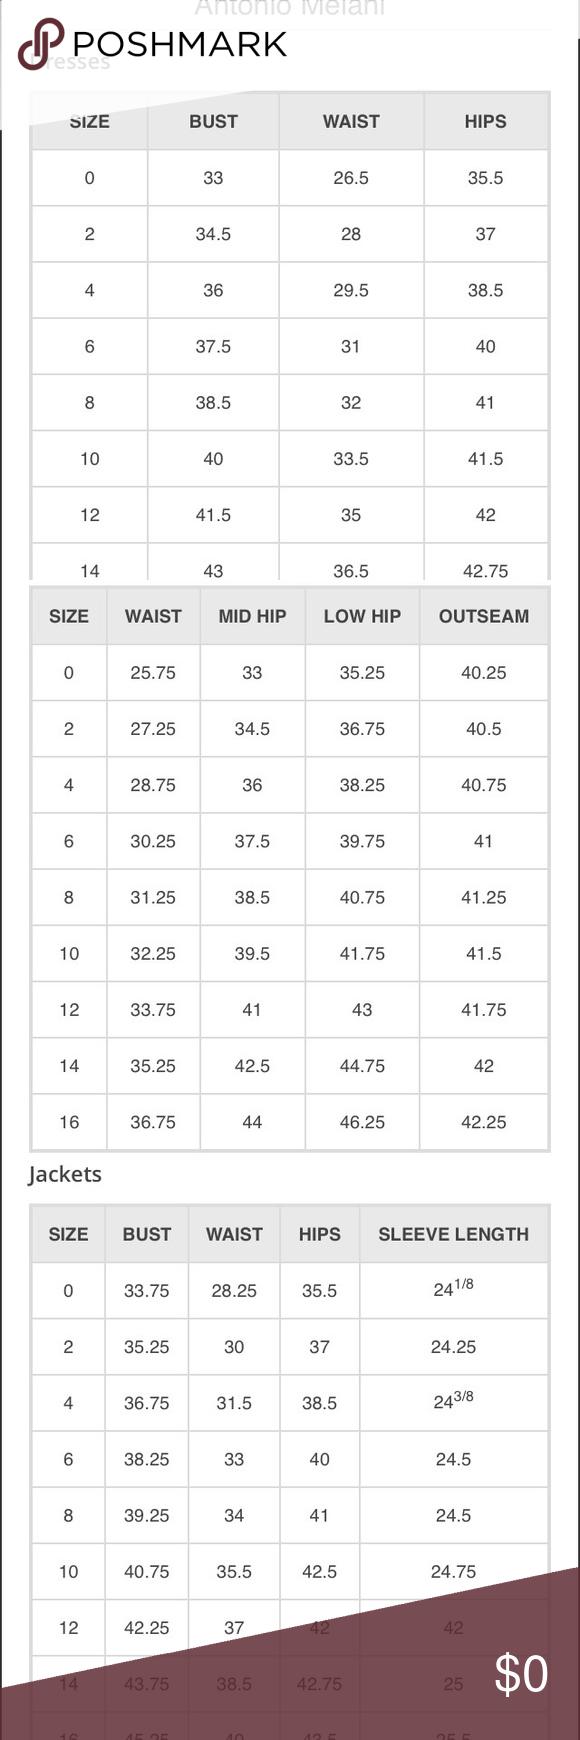 06422891f433 Tommy Hilfiger Shirts Size Chart